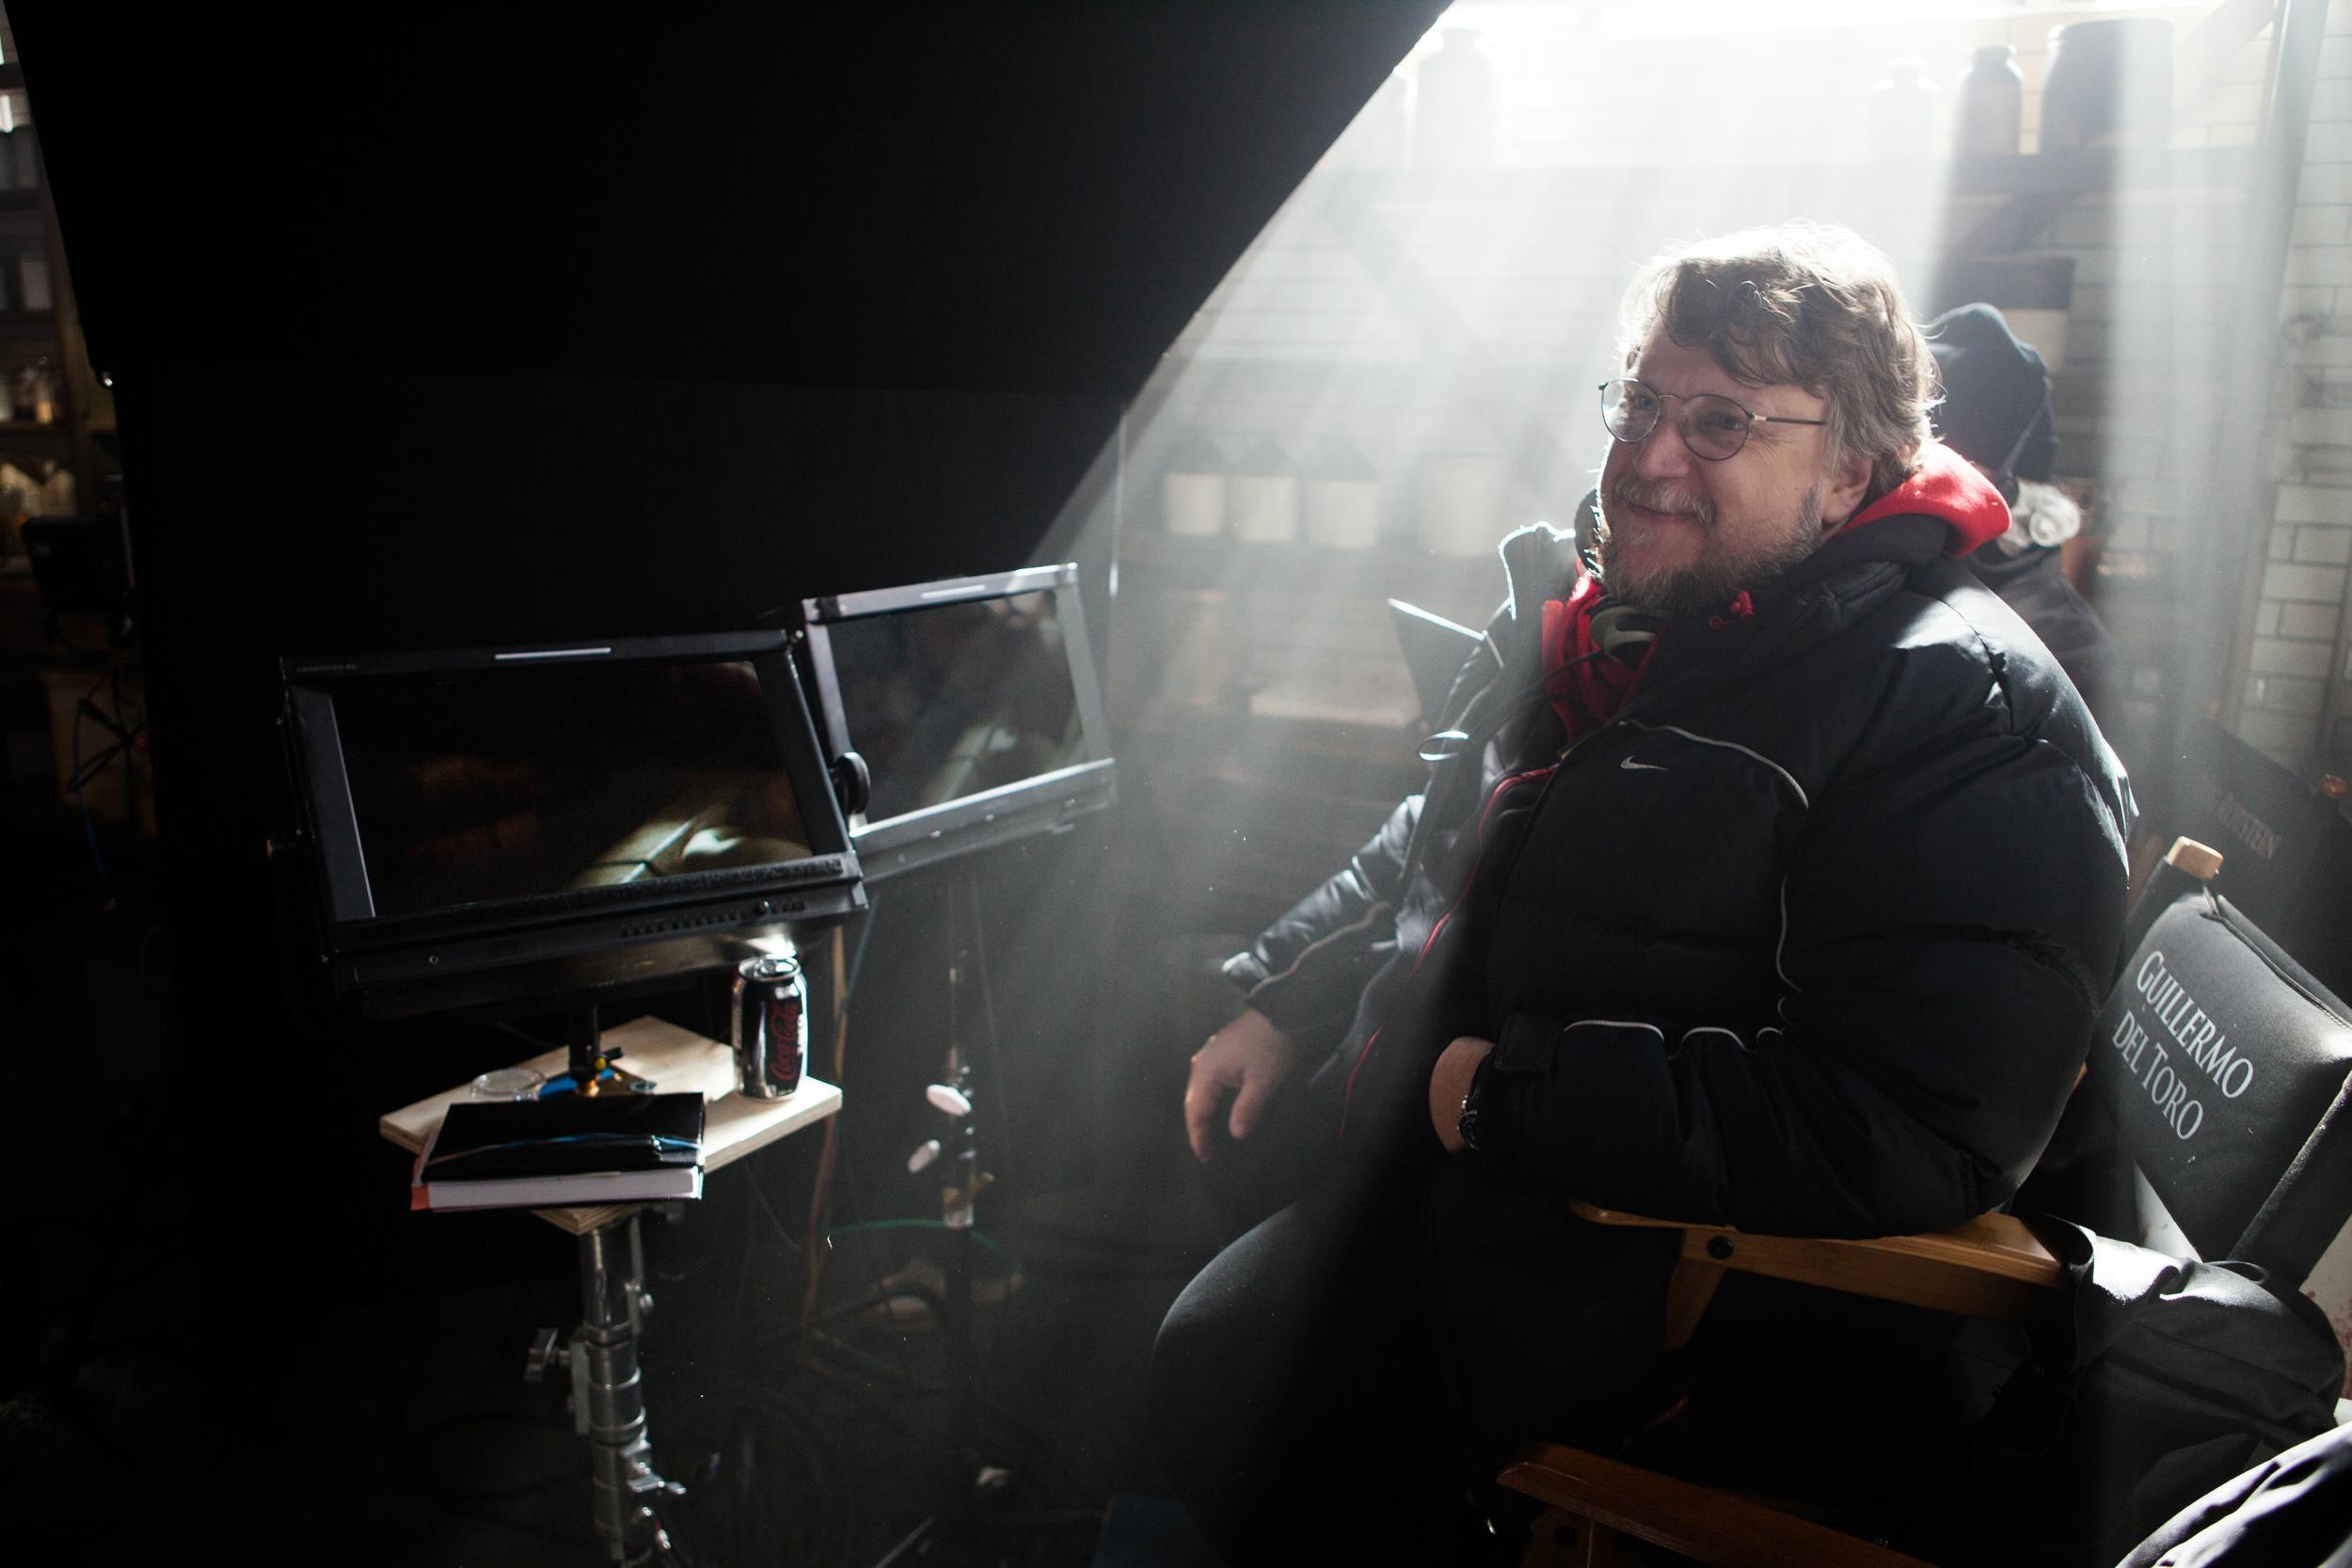 Guilhermo Del Toro inside guillermo del toro and steven spielberg respond to natalie